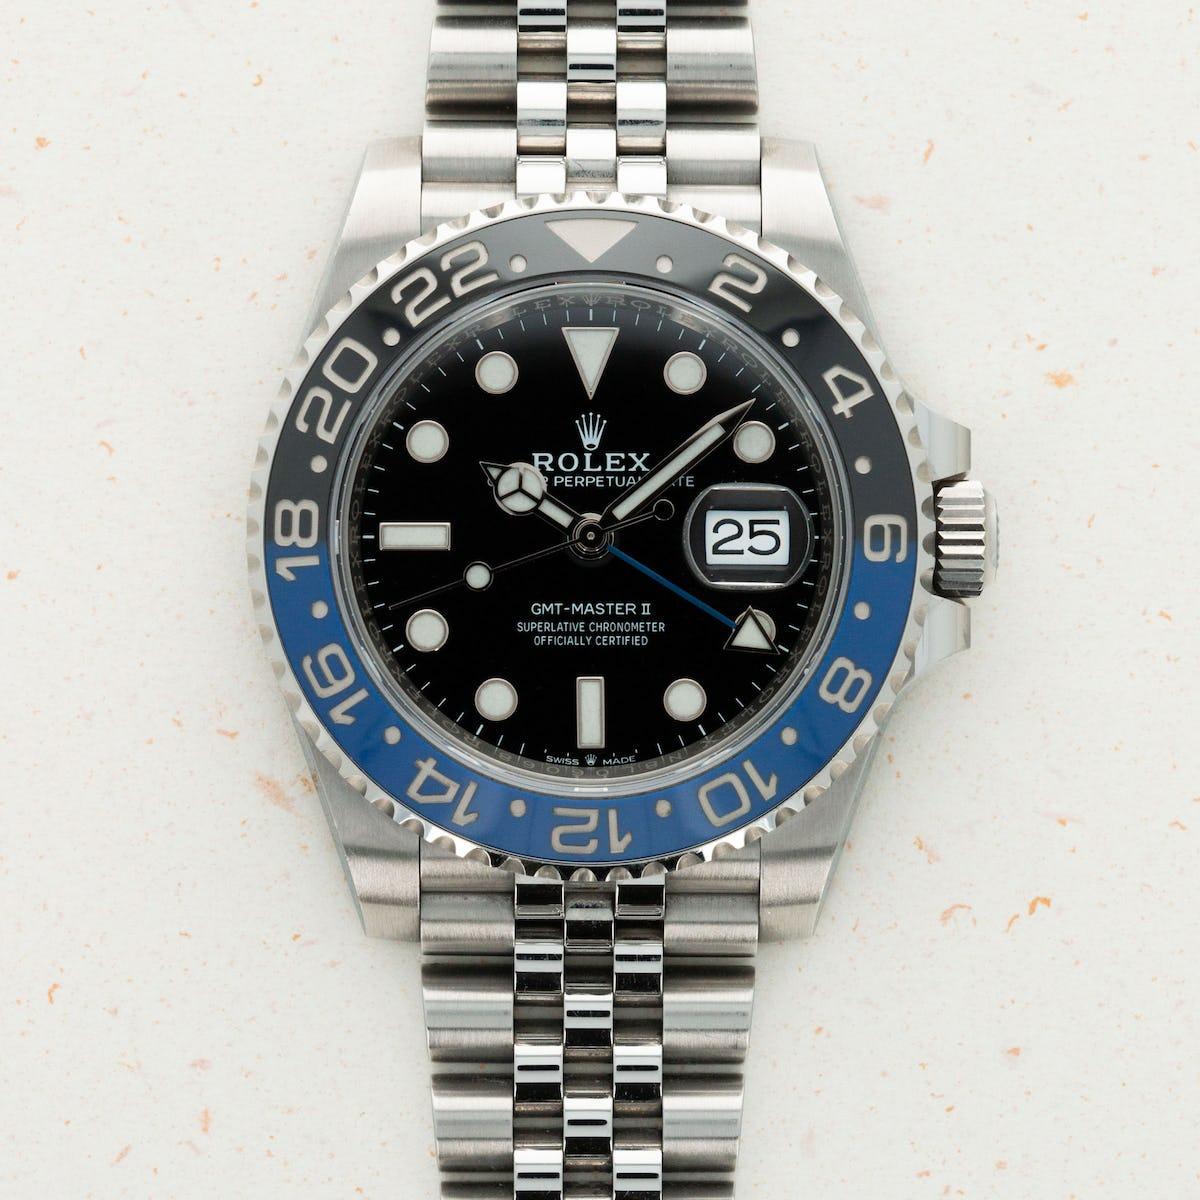 Thumbnail for Rolex GMT Master II BATGIRL 126710 BLNR